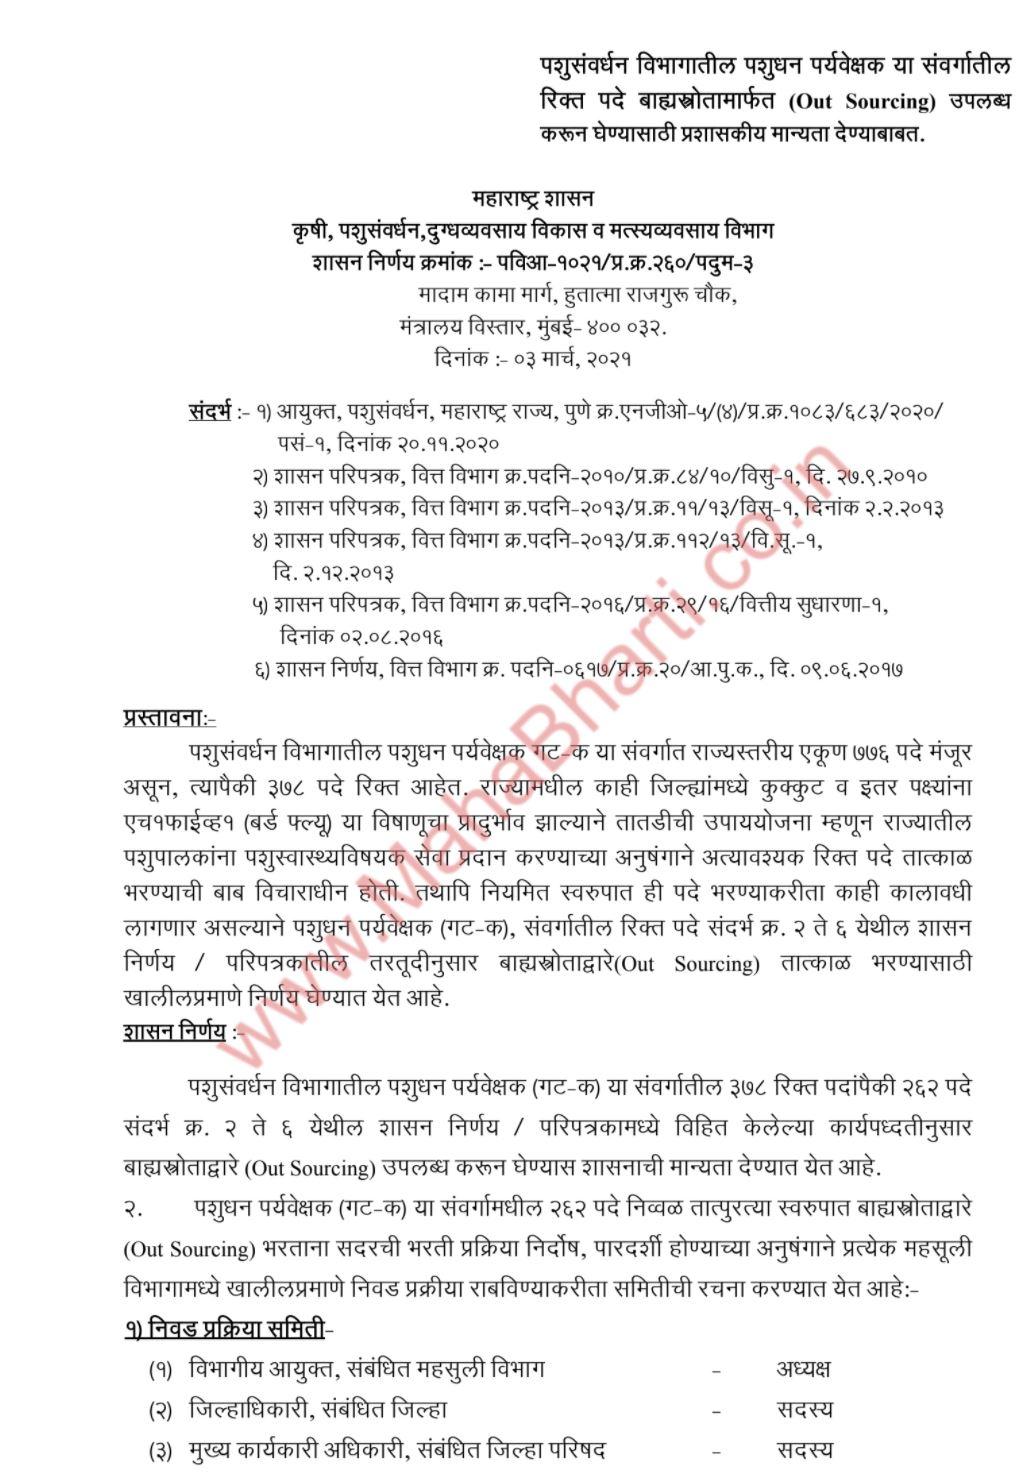 PashuSavrdhan Vibhag Bharti 2021